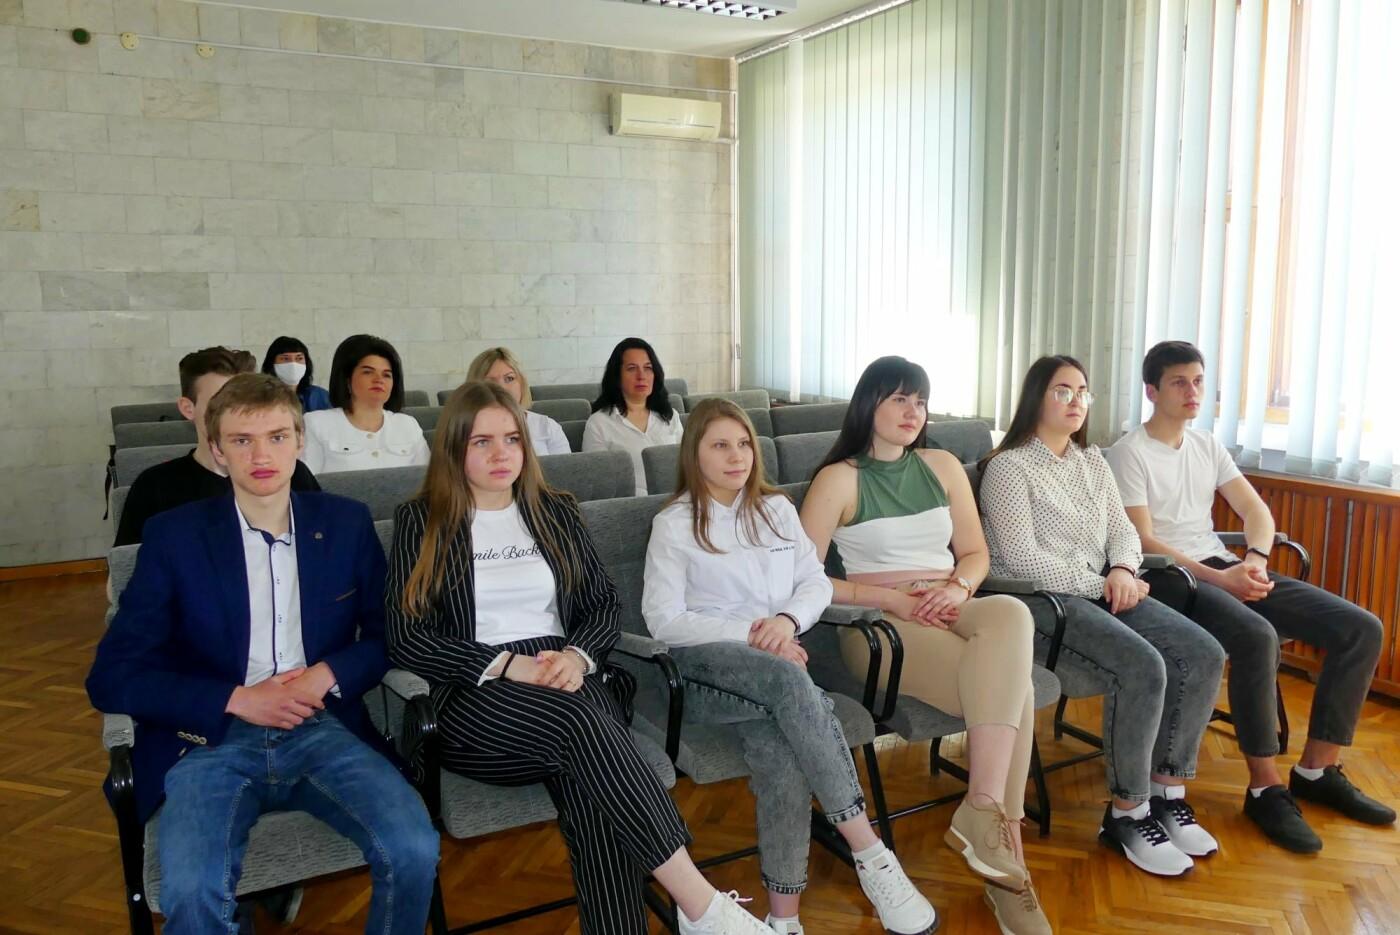 У Кам'янці визначено переможців регіонального дебатного турніру серед молоді, фото-1, Фото: Кам'янець-Подільська міська рада